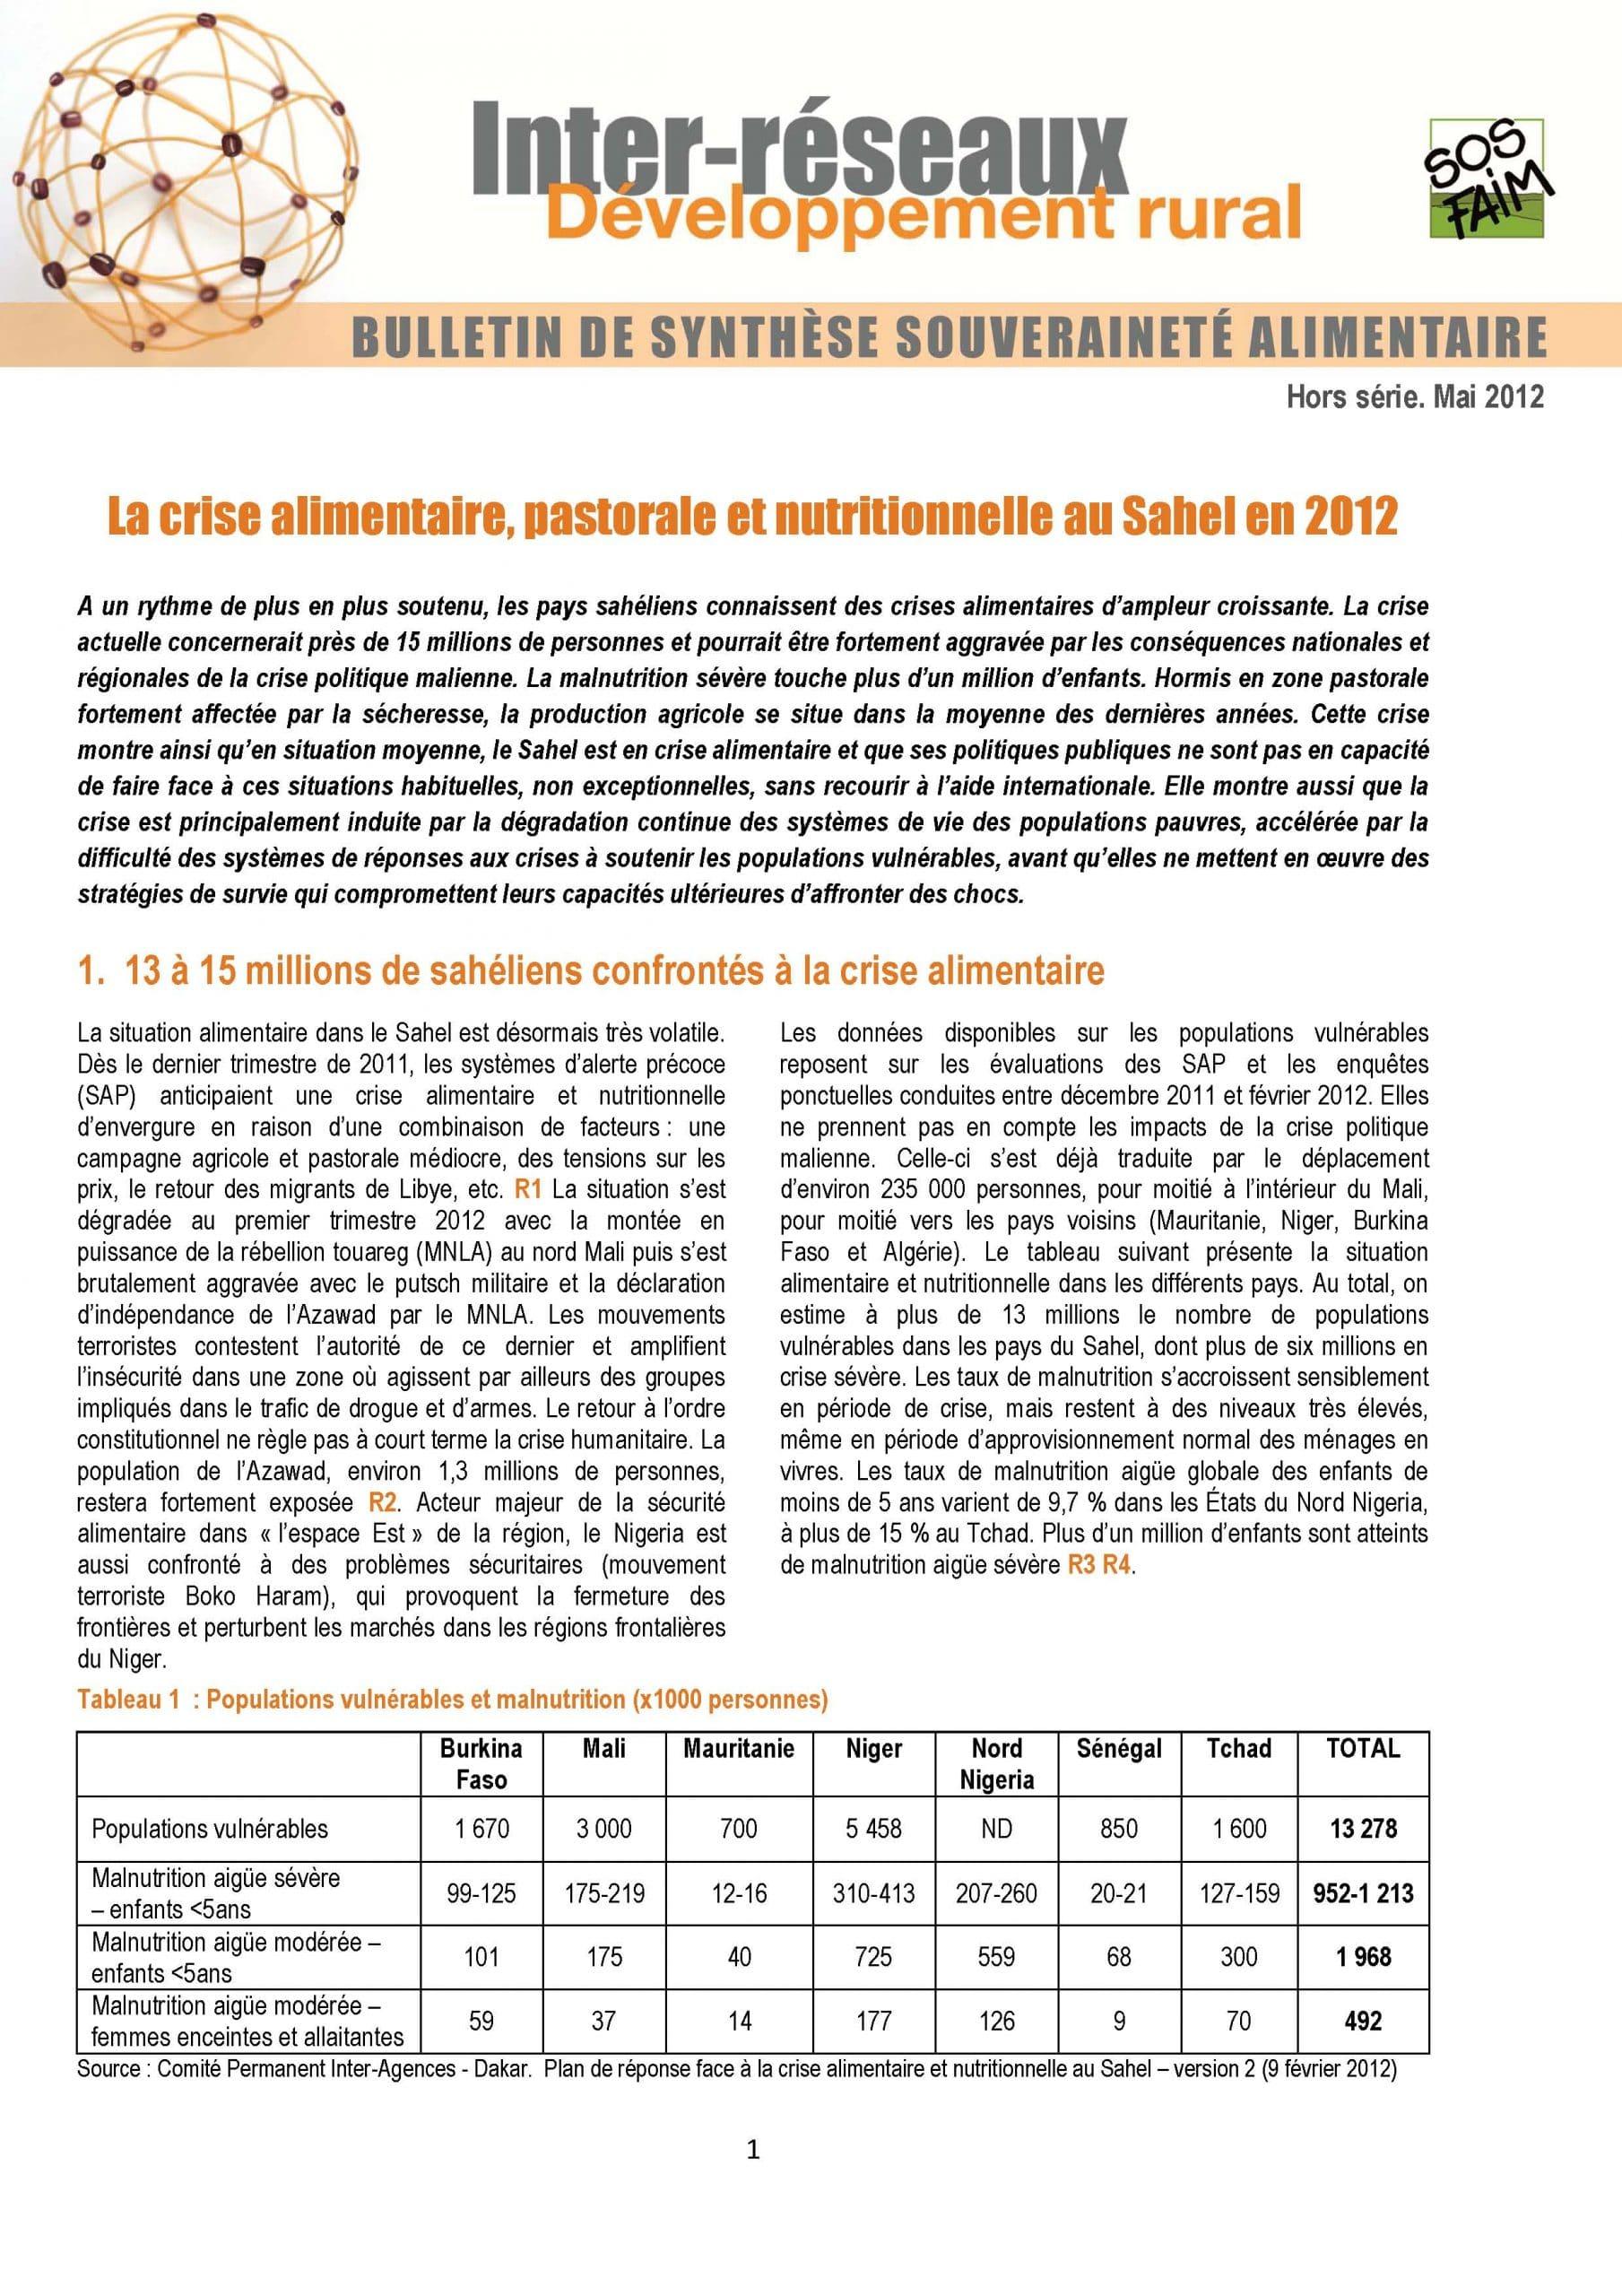 Bulletin de synthèse 5 - La crise alimentaire, pastorale et nutritionnelle au Sahel en 2012